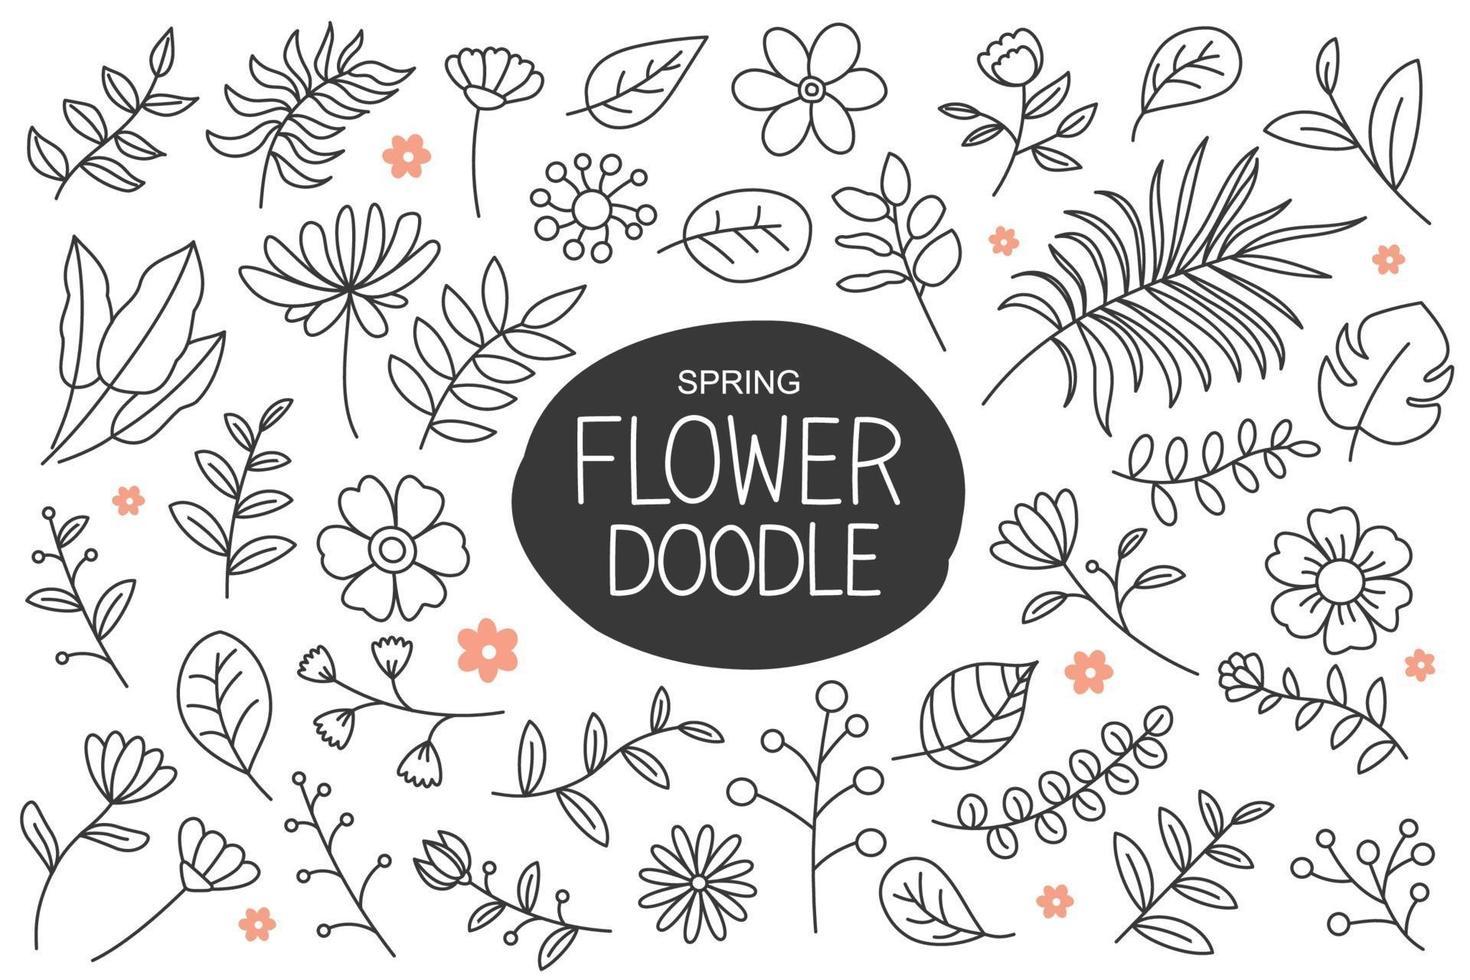 fleurs de printemps doodle dans un style dessiné à la main. collection d'éléments floraux et feuilles. vecteur